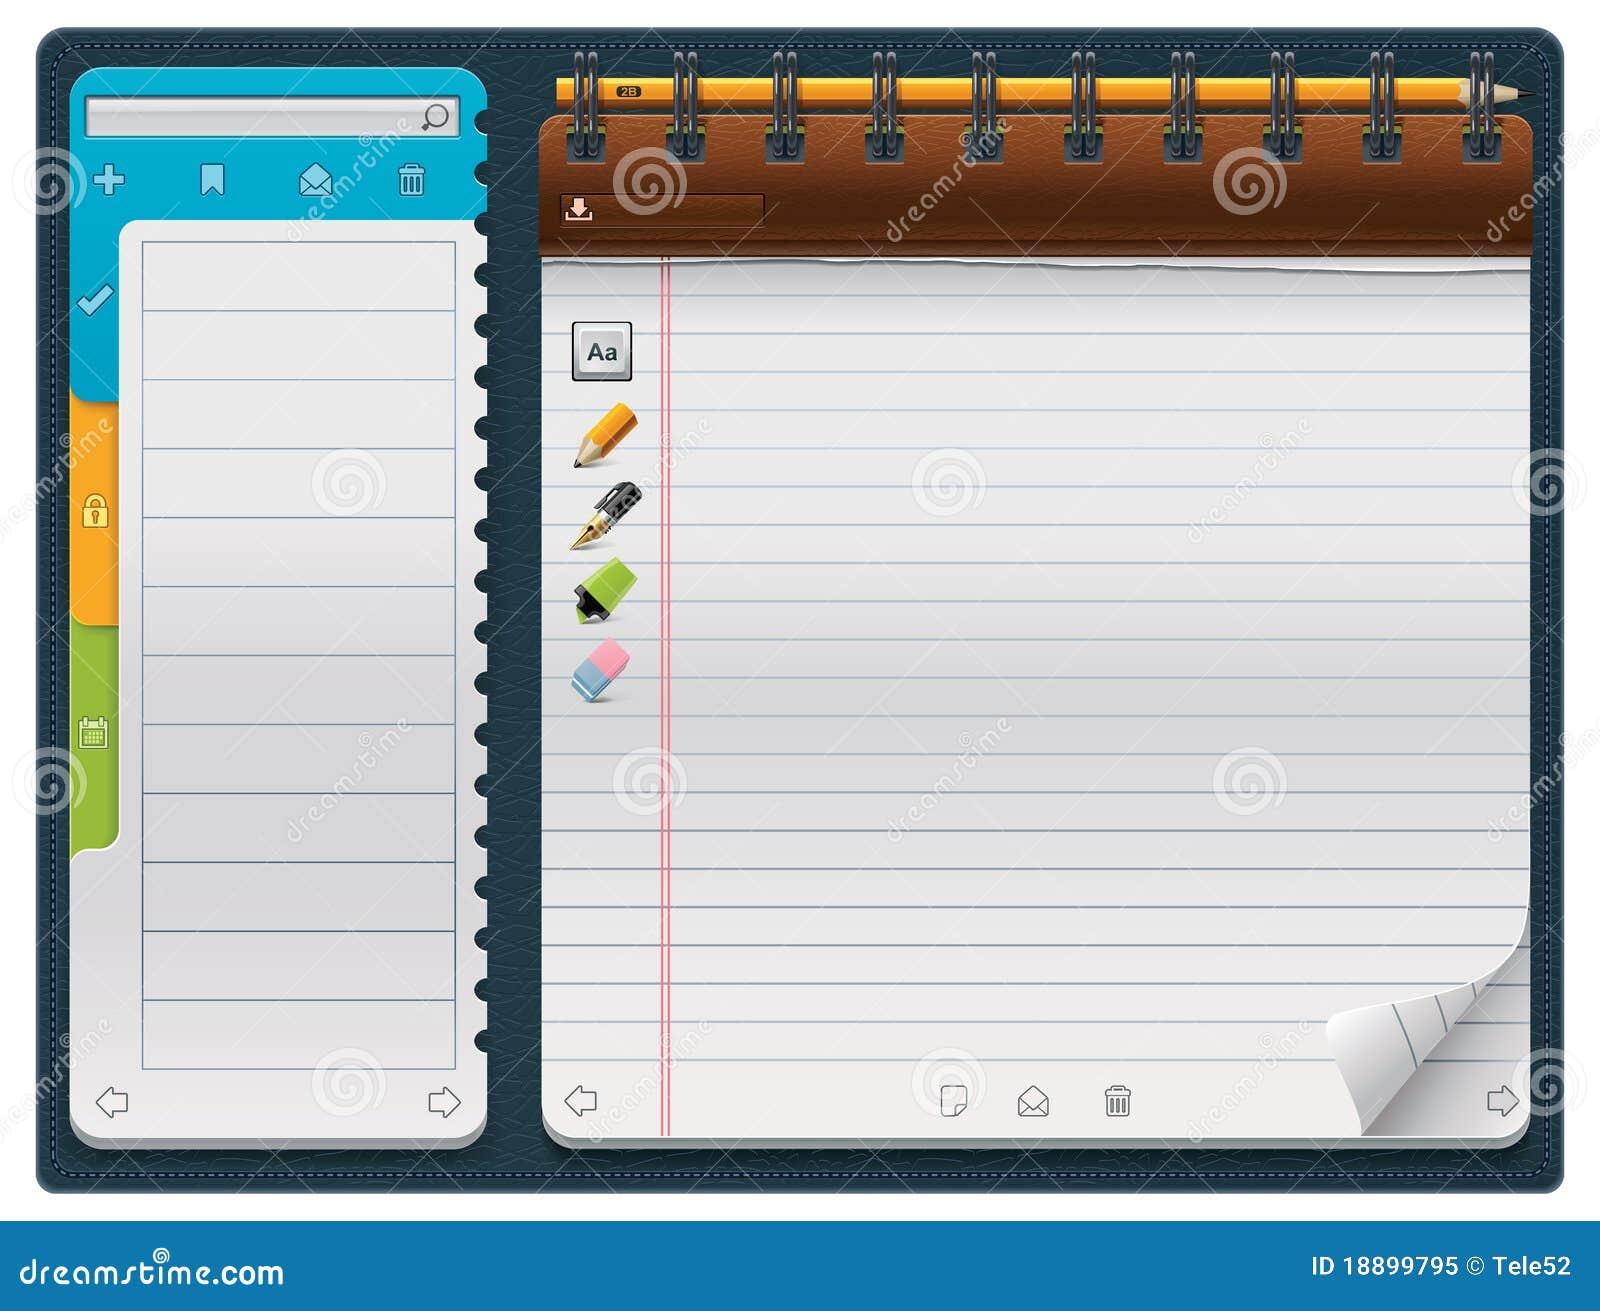 Как сделать горизонтальный разделитель в html